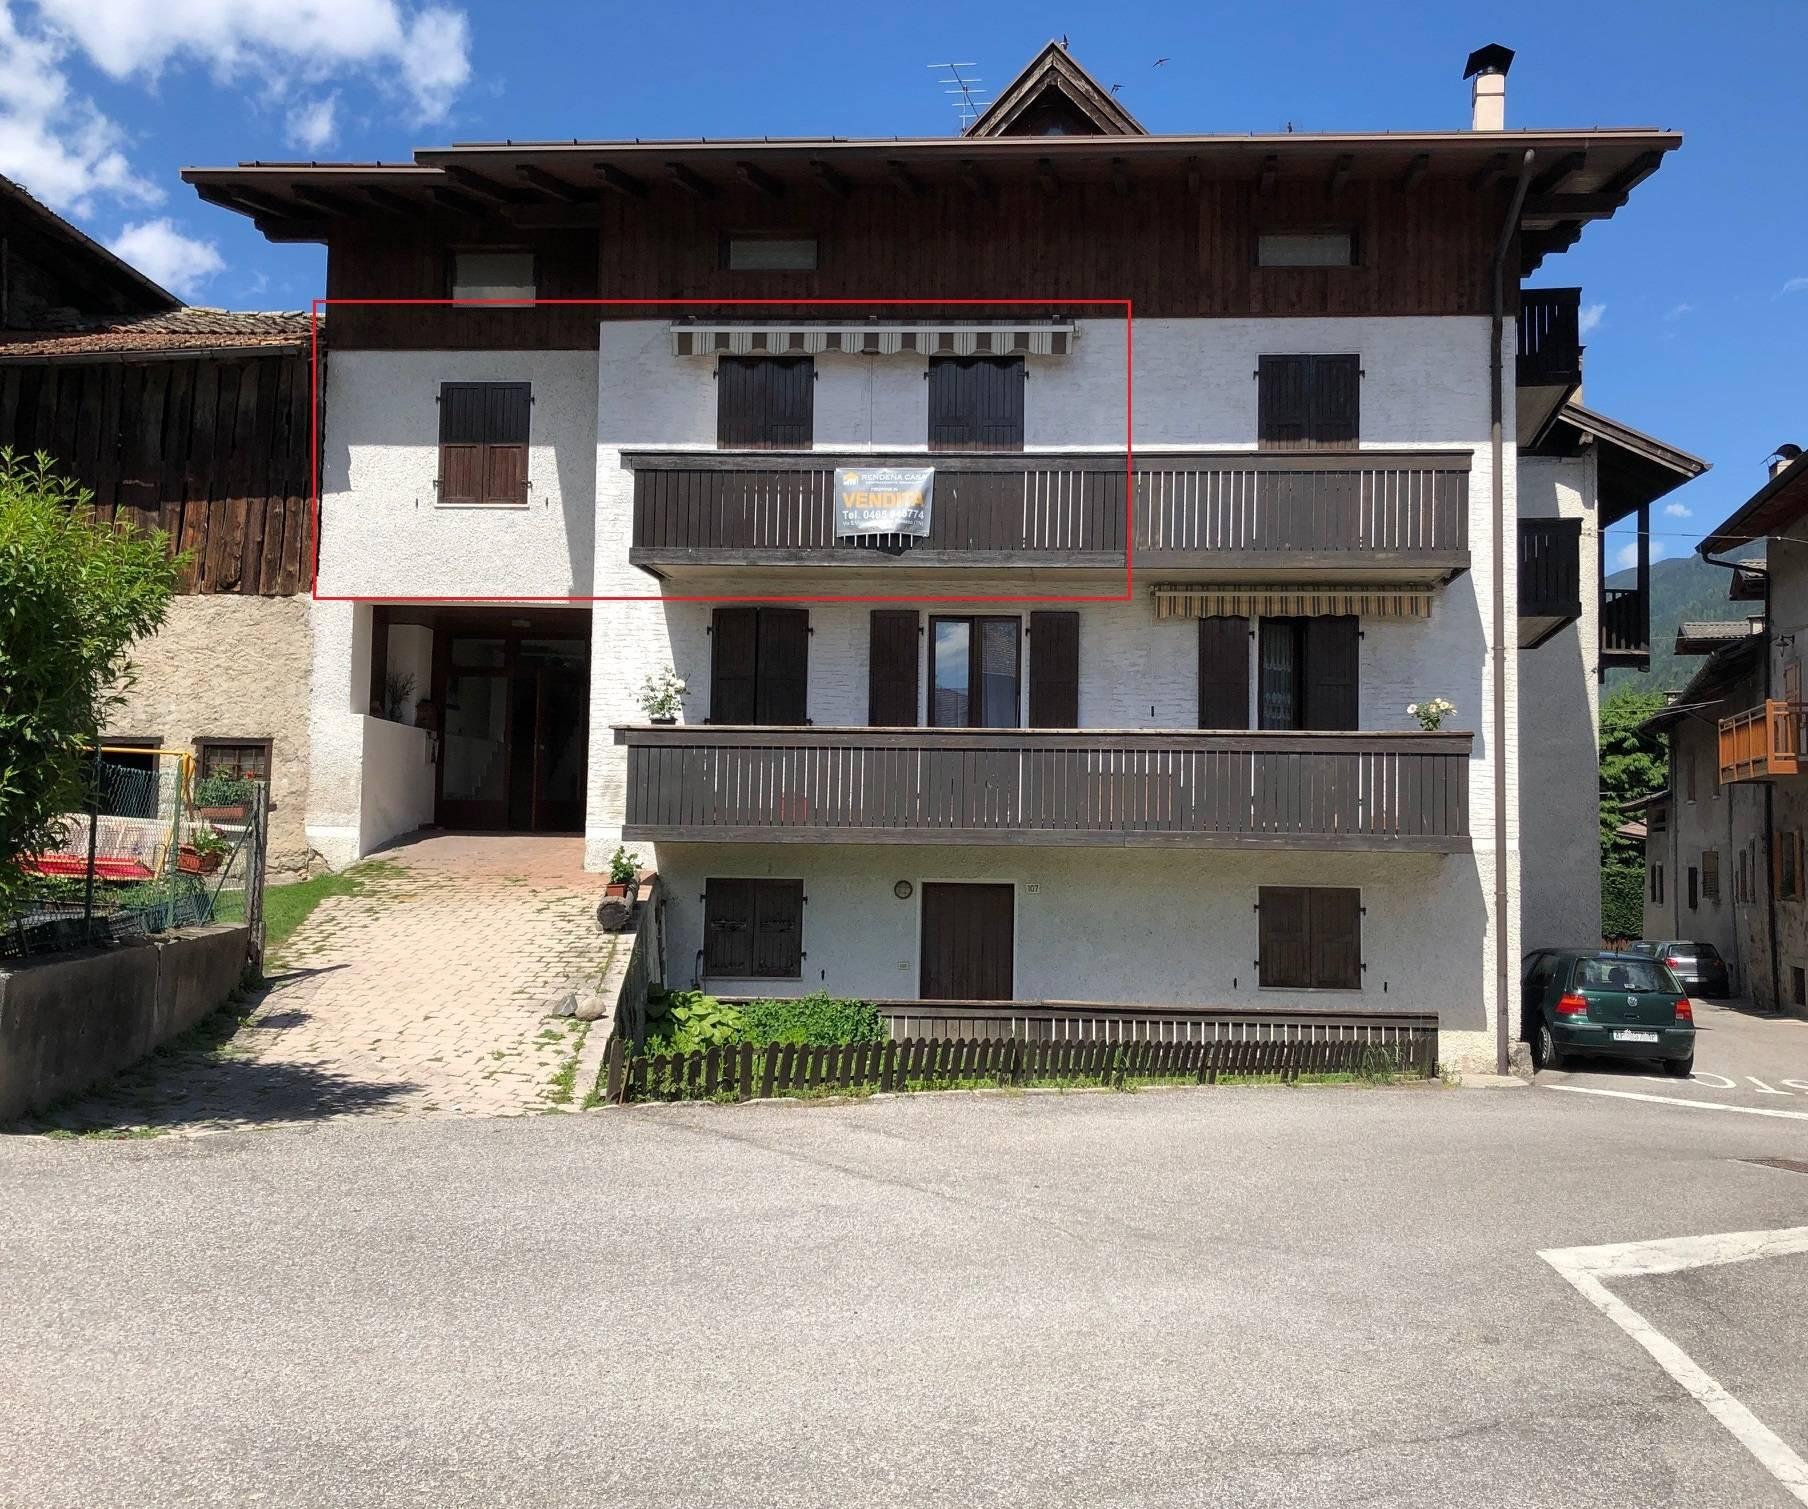 Appartamento in vendita a Spiazzo, 2 locali, zona Zona: Borzago, prezzo € 88.000 | CambioCasa.it